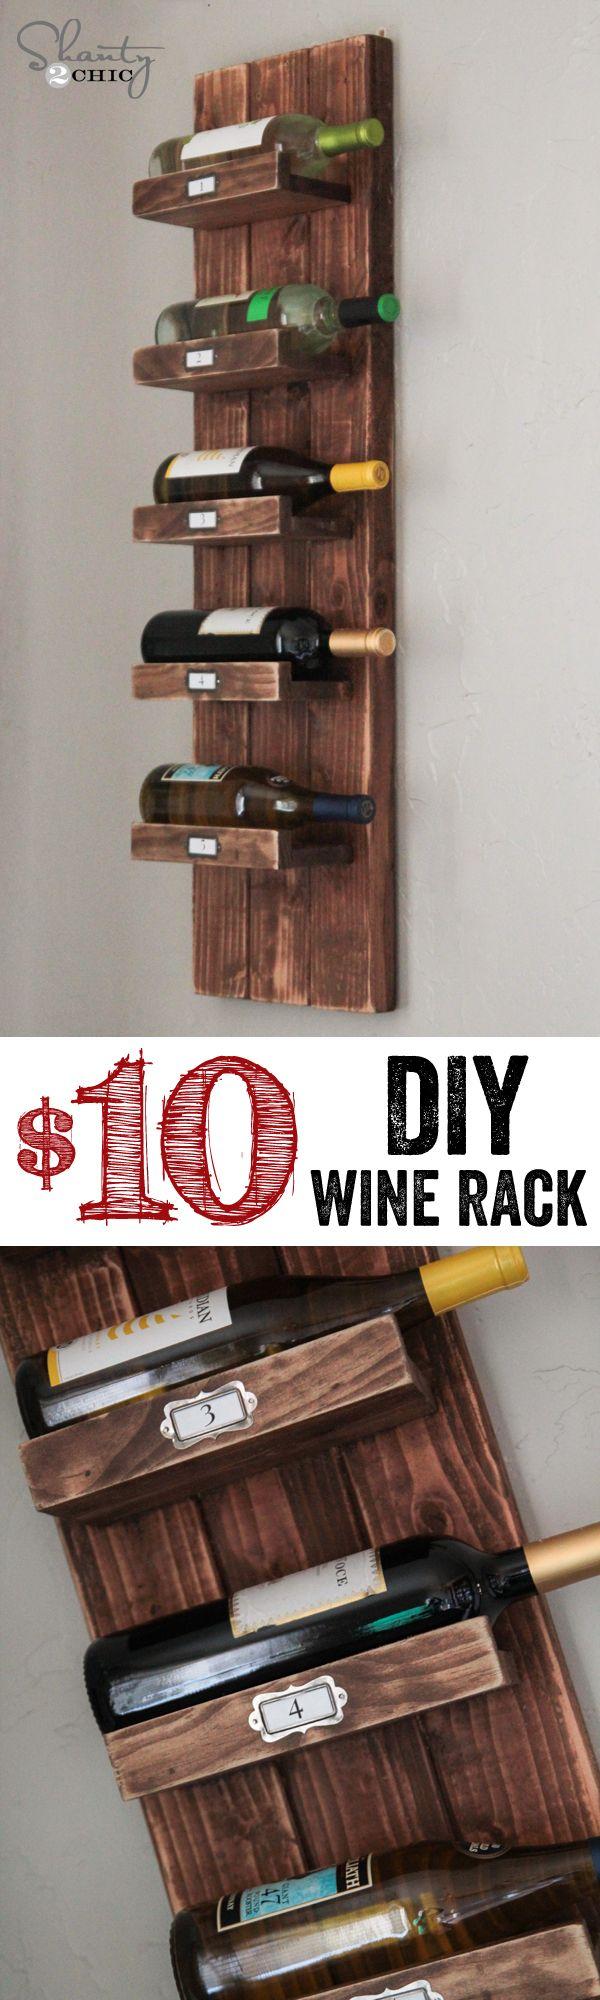 Wall wine | Diy wine rack, Diy wine, Diy furniture